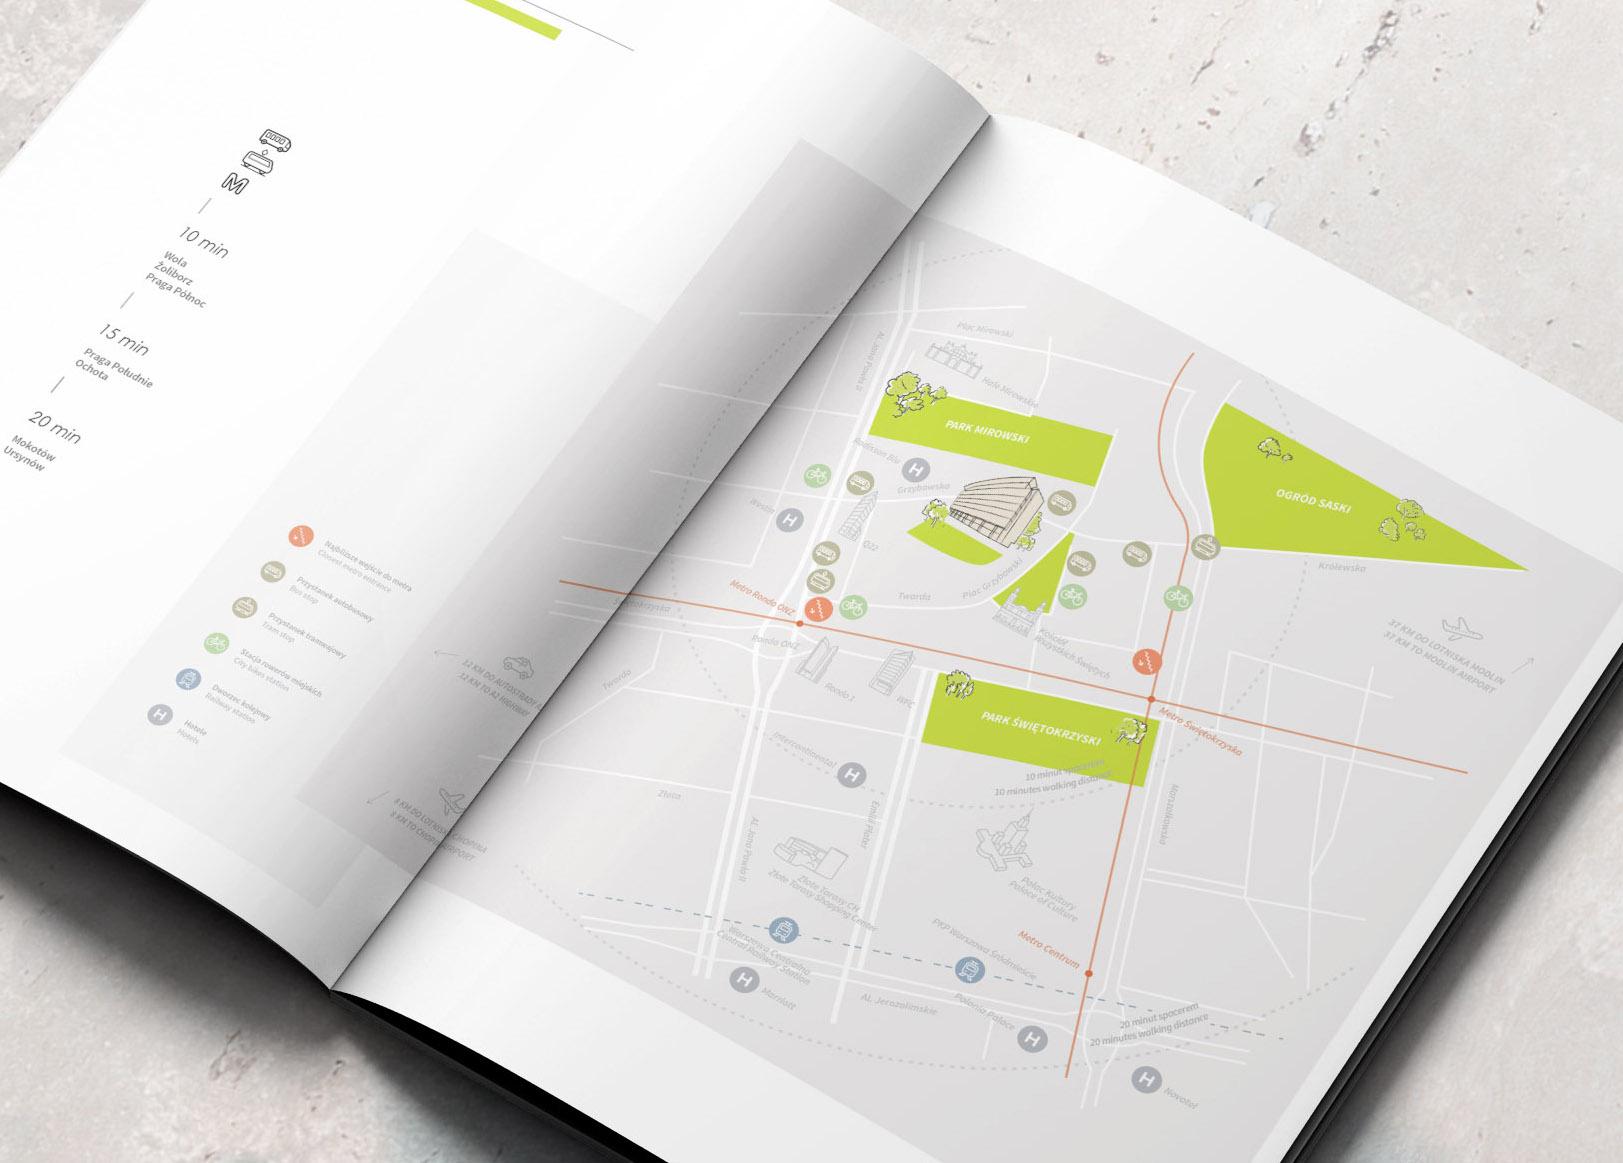 2015 Deka Grzybowska Park brochure 5.jpg